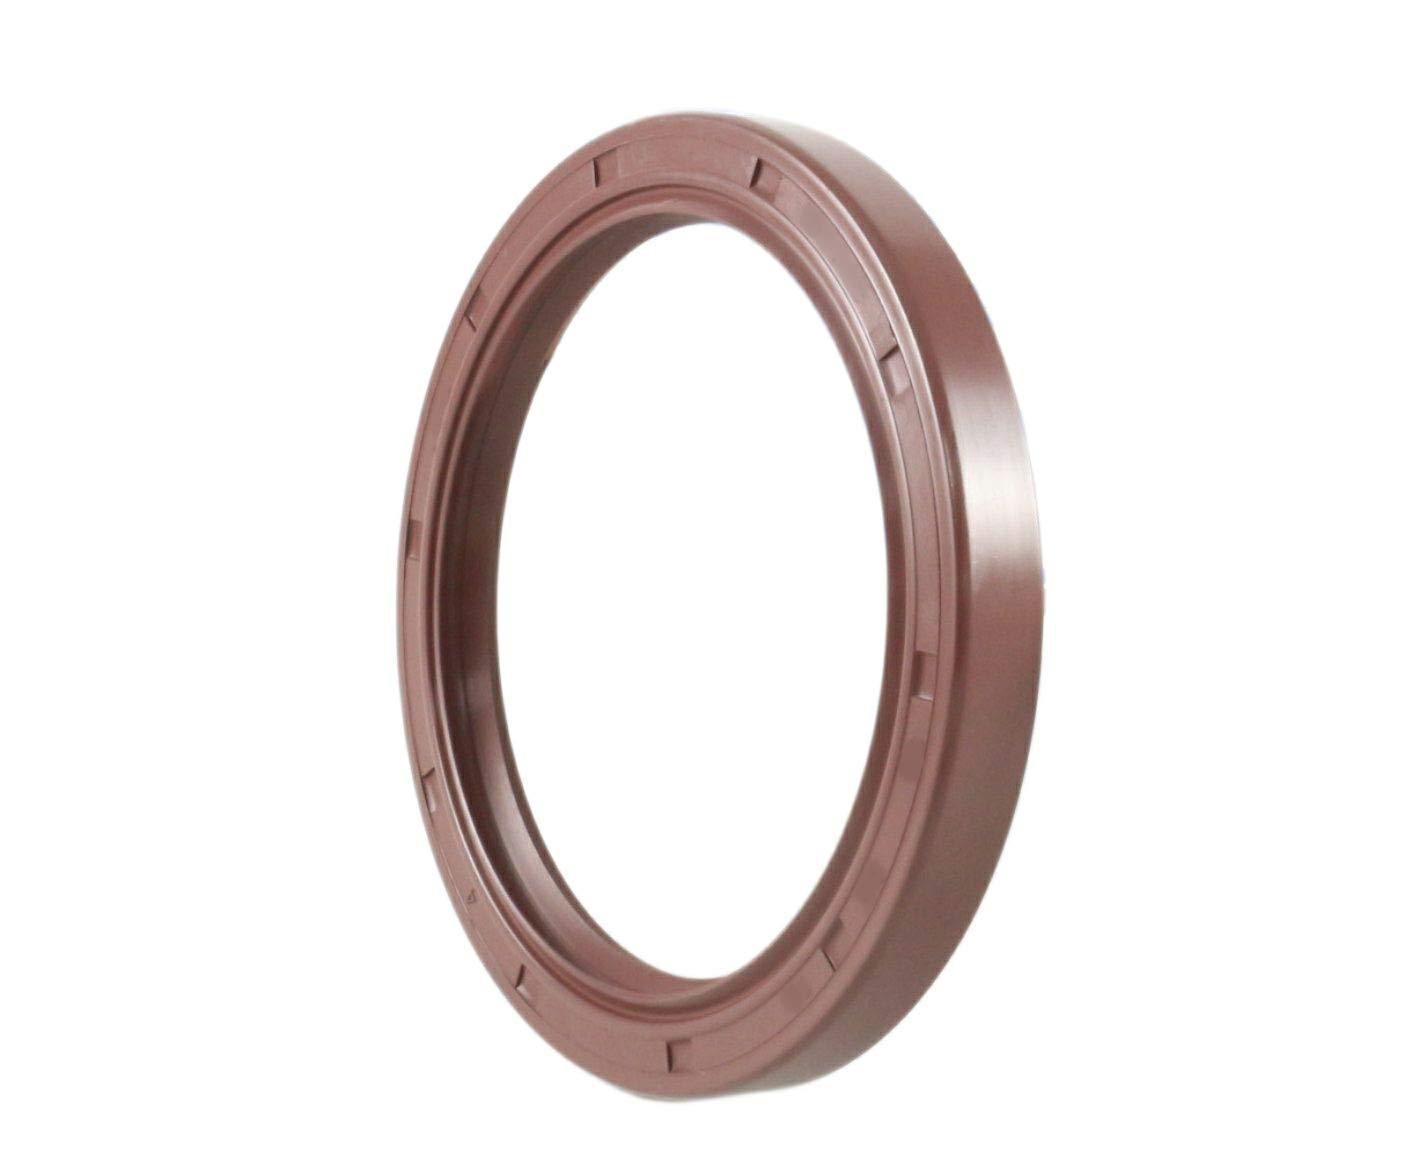 EAI VITON Oil Seal 80mm Finally popular brand X 105mm Max 66% OFF 13mm PCS Lip w TC S 6 Double